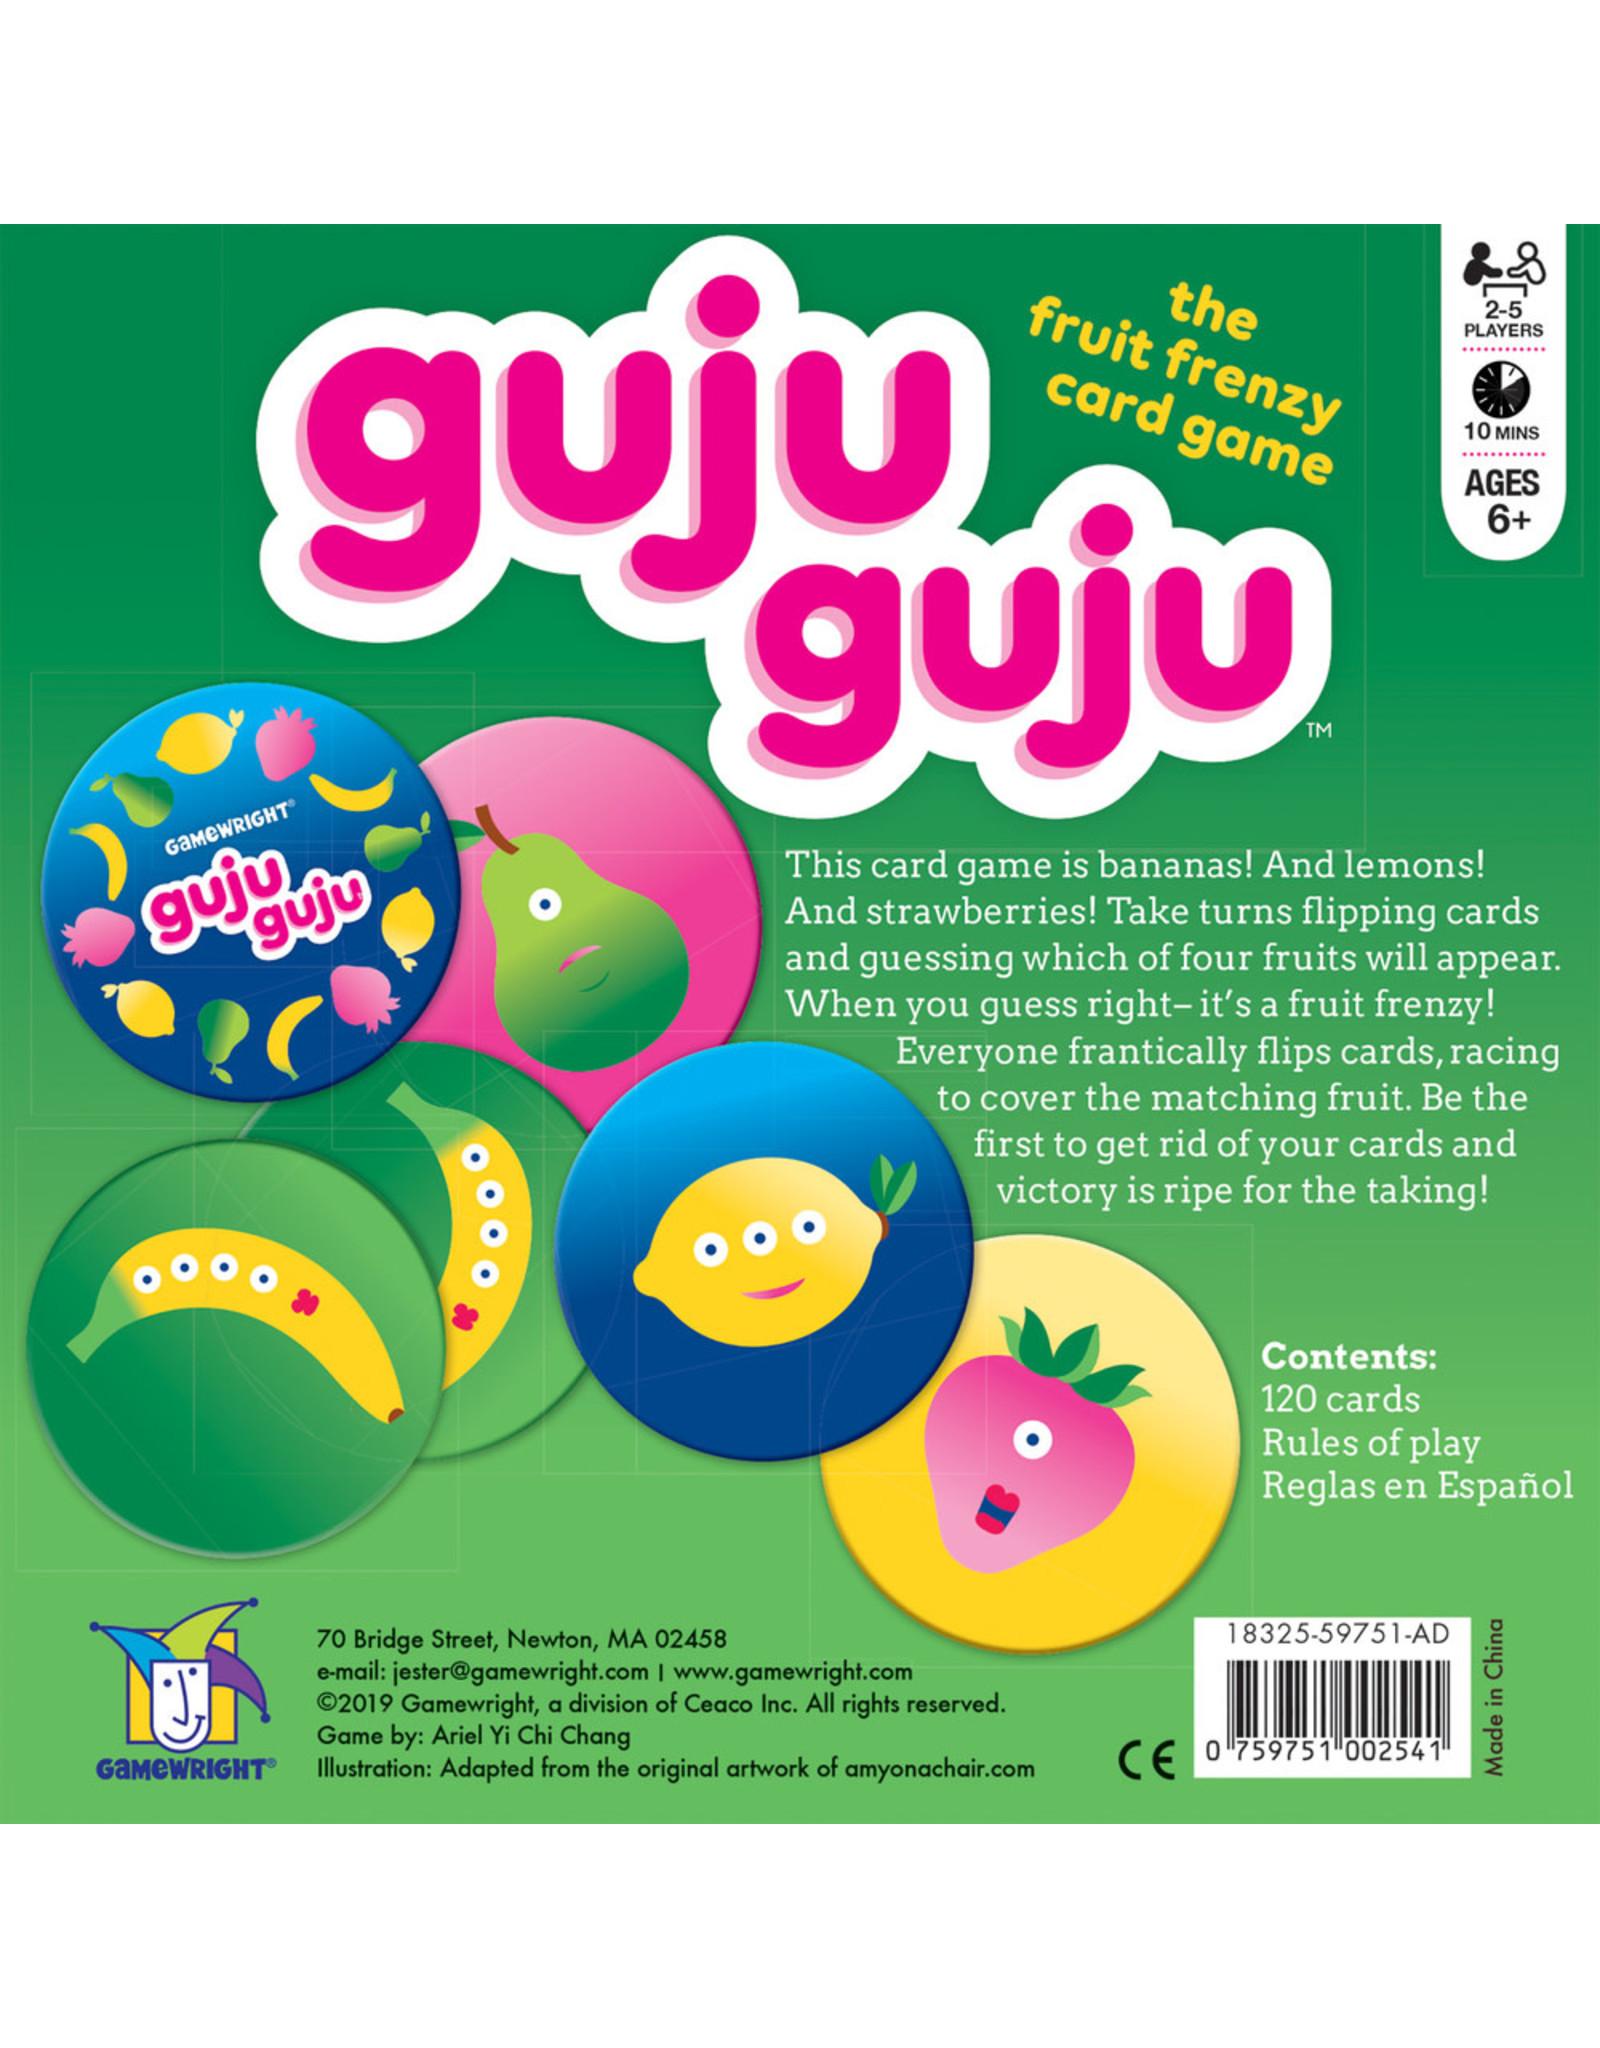 Gamewright Guju Guju